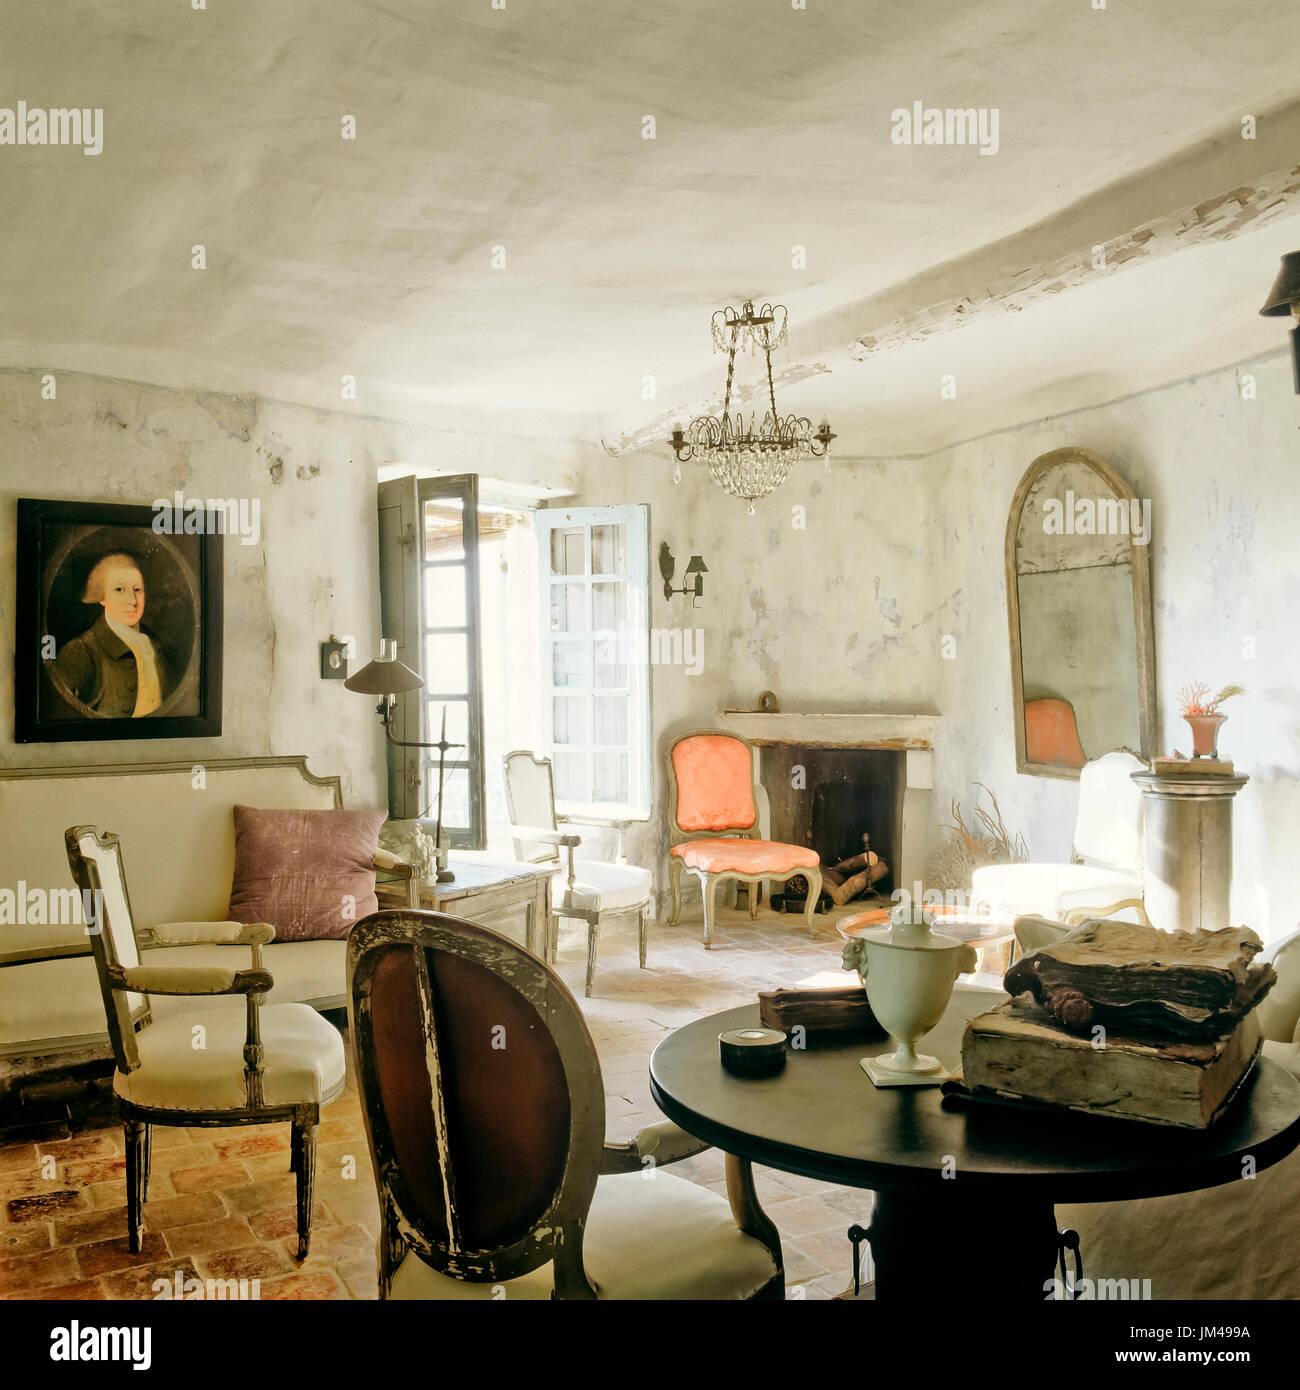 Mediterranen Stil Wohnzimmer mit Vintage-Möbeln Stockfoto ...